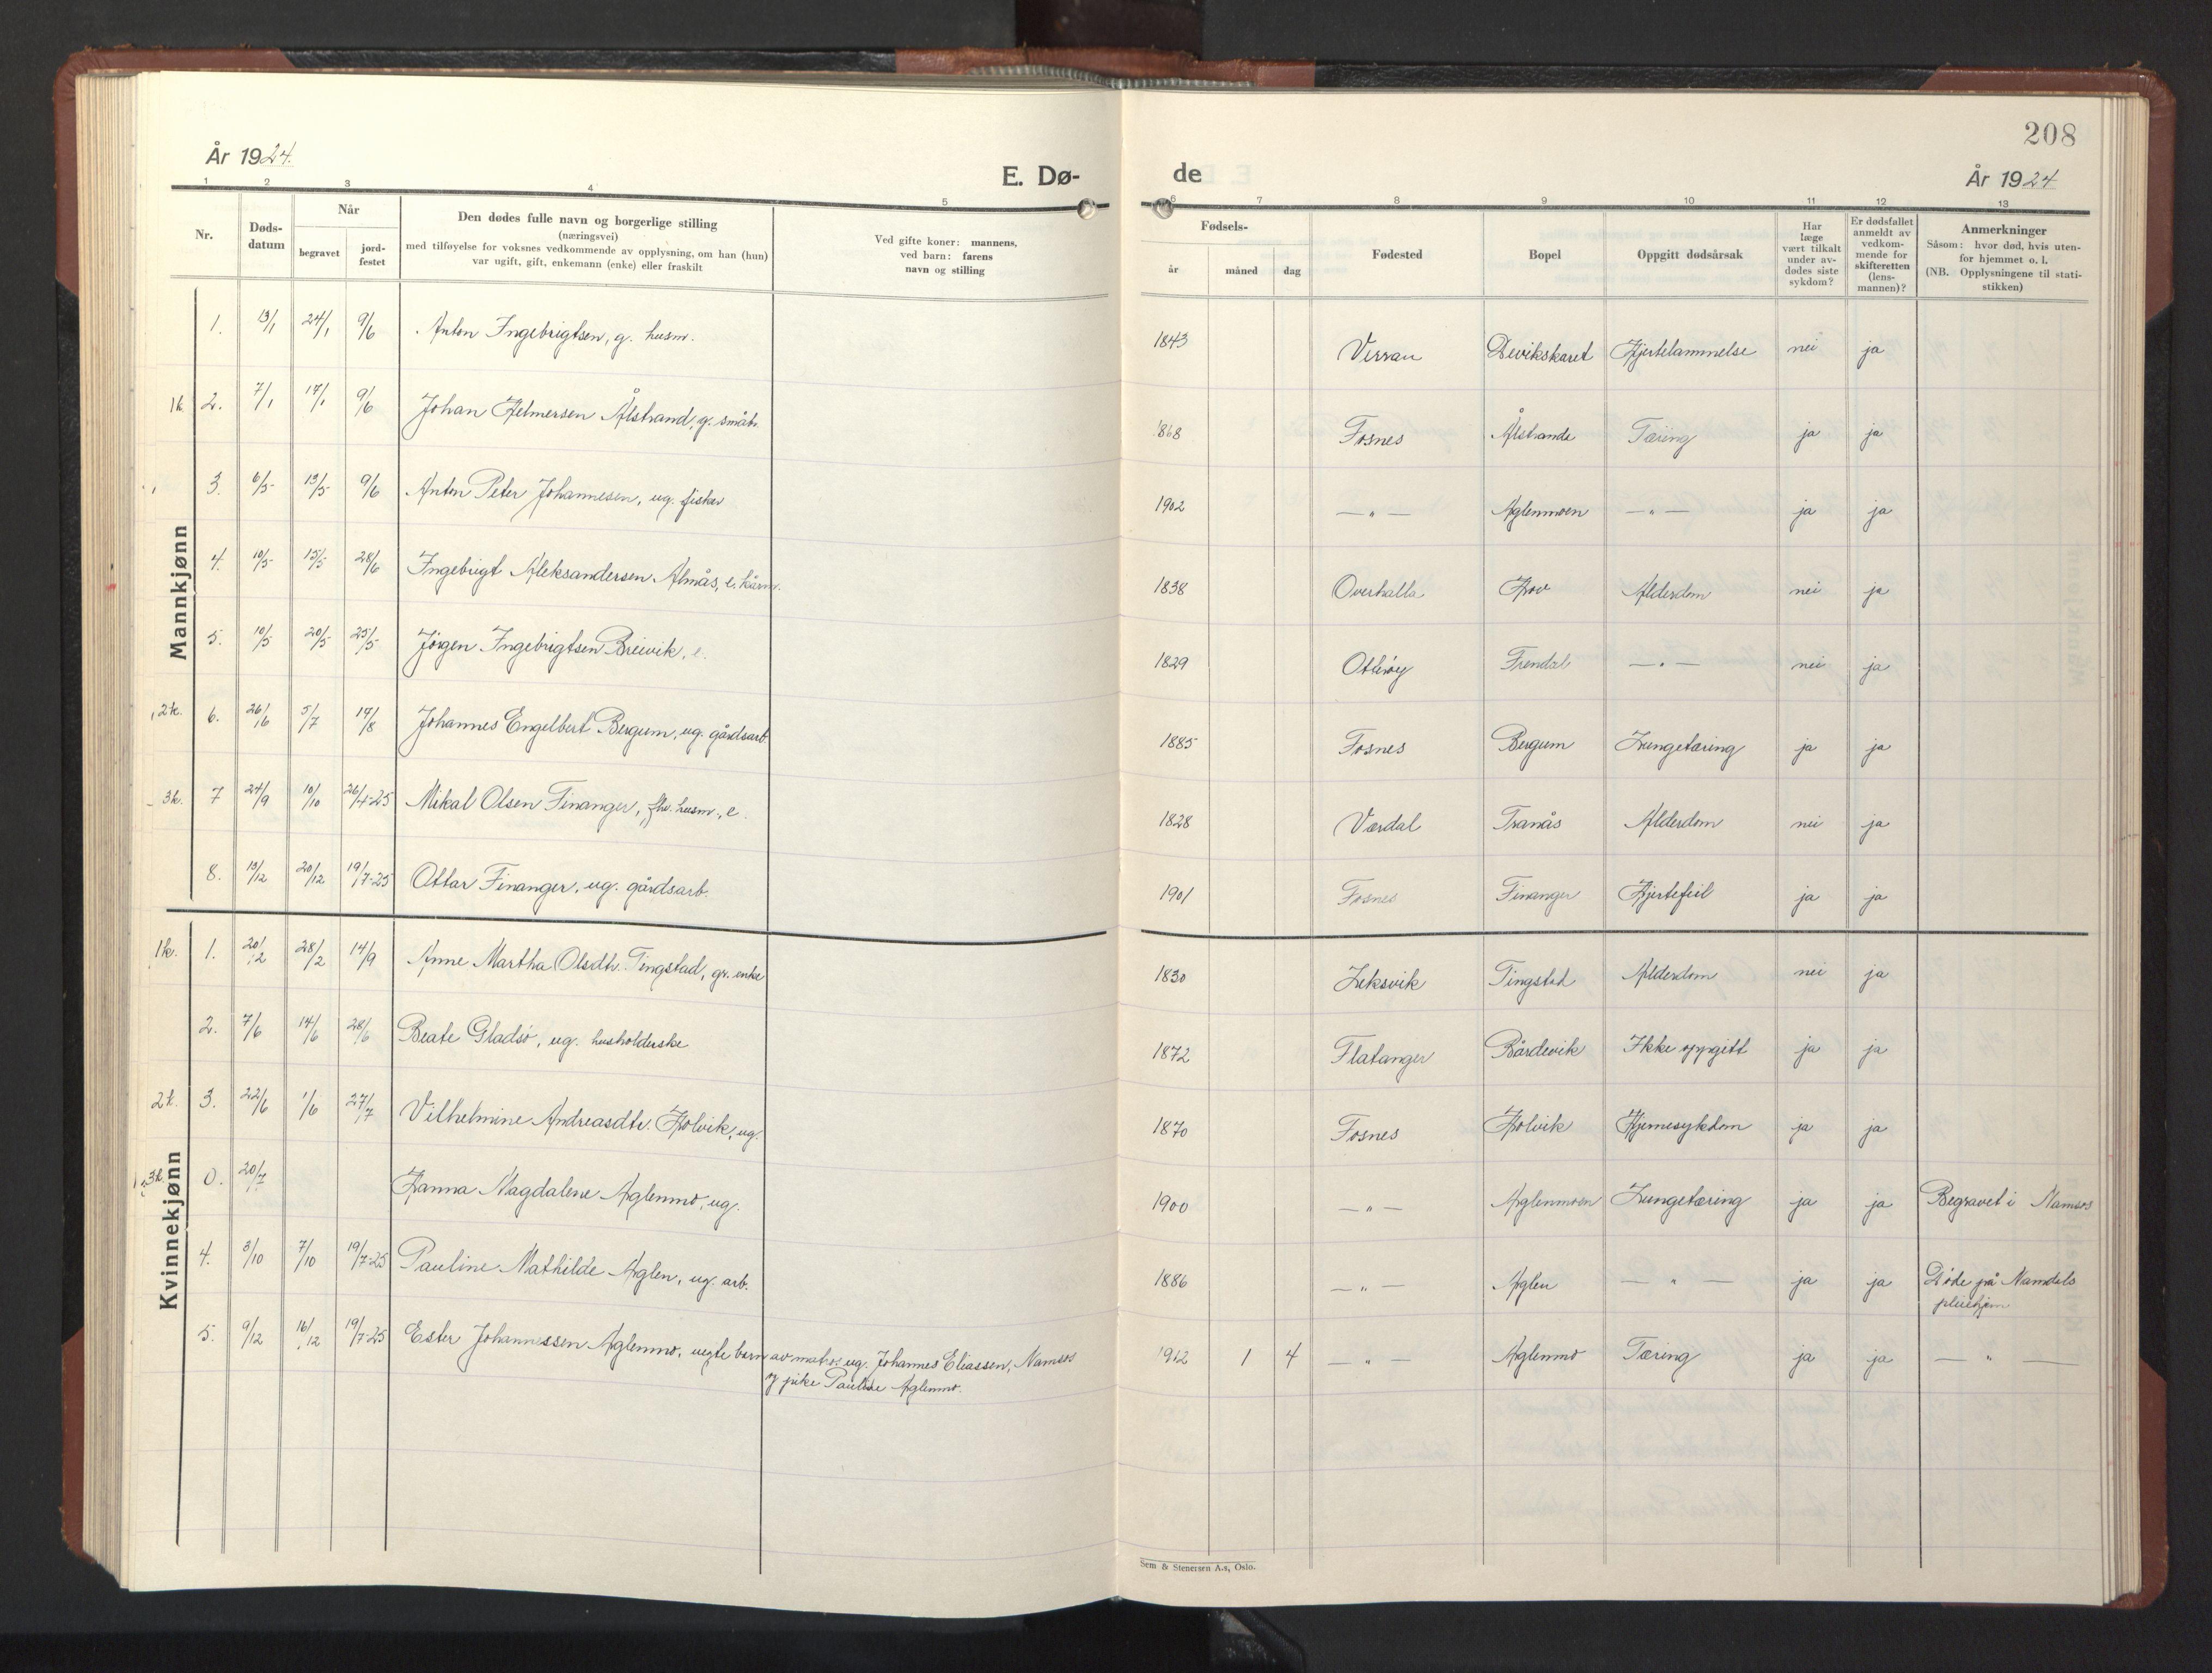 SAT, Ministerialprotokoller, klokkerbøker og fødselsregistre - Nord-Trøndelag, 773/L0625: Klokkerbok nr. 773C01, 1910-1952, s. 208